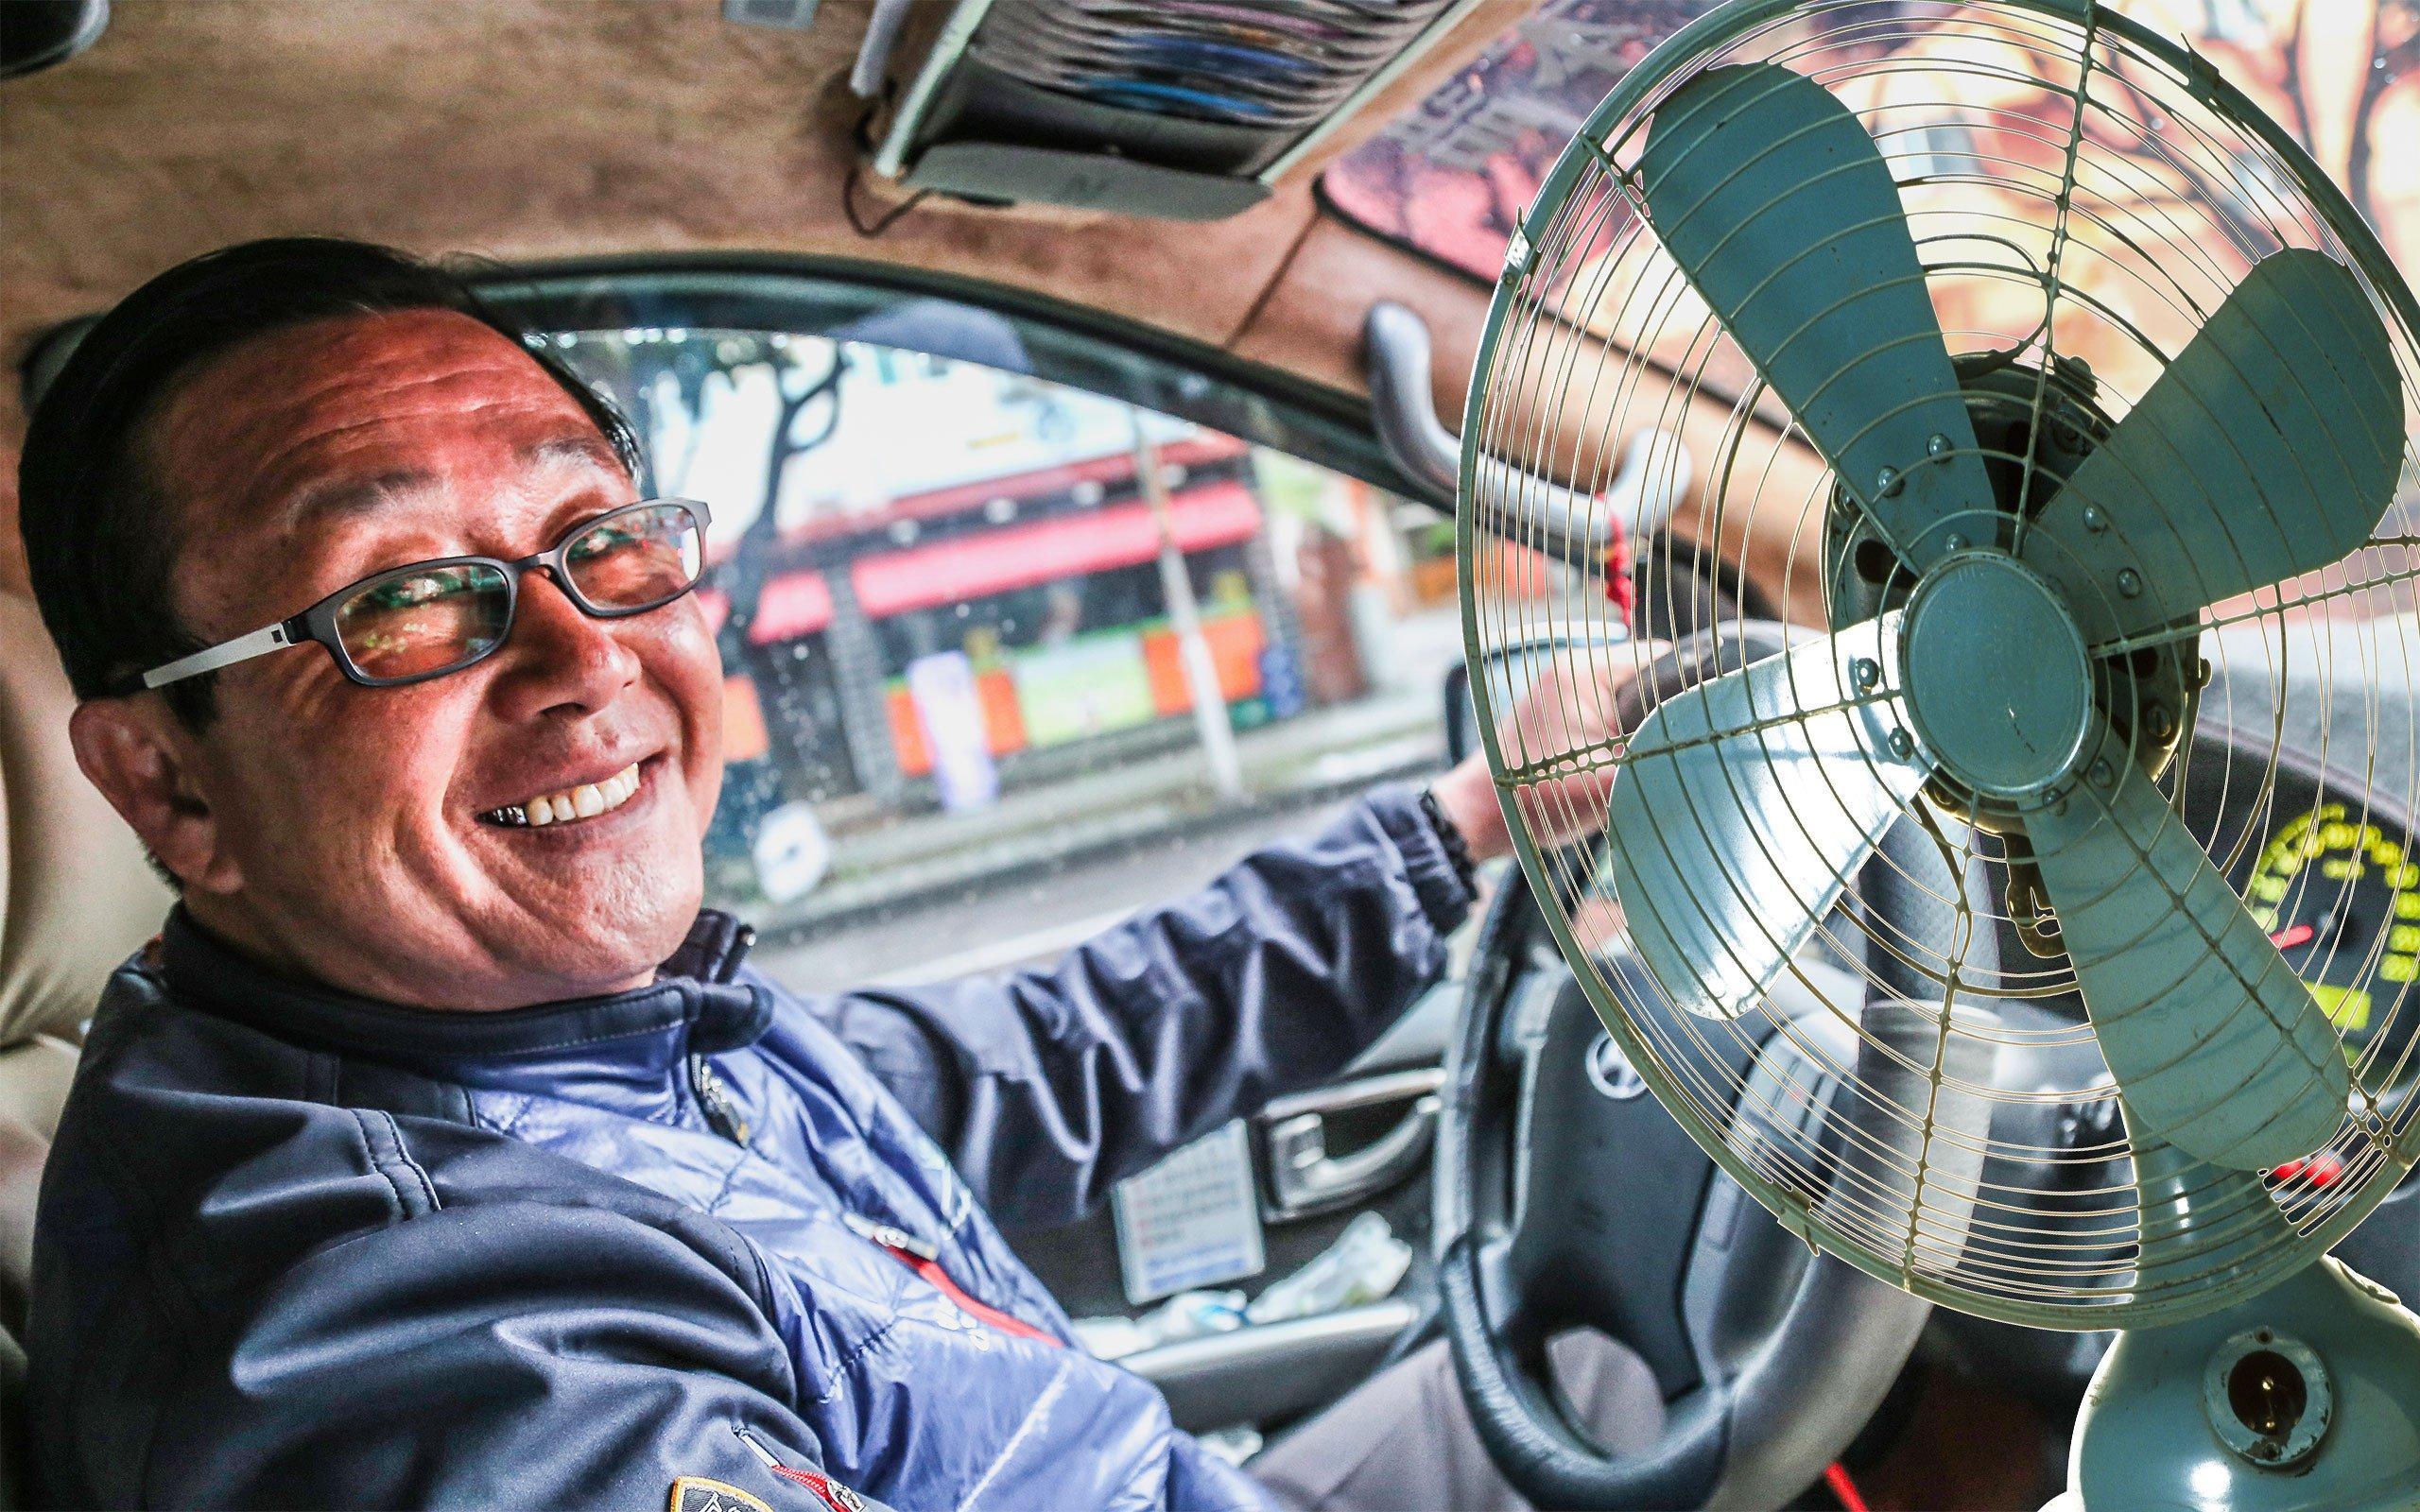 Поездка на машине в жару смертельно опасна: почему ГИБДД не рекомендует садиться за руль